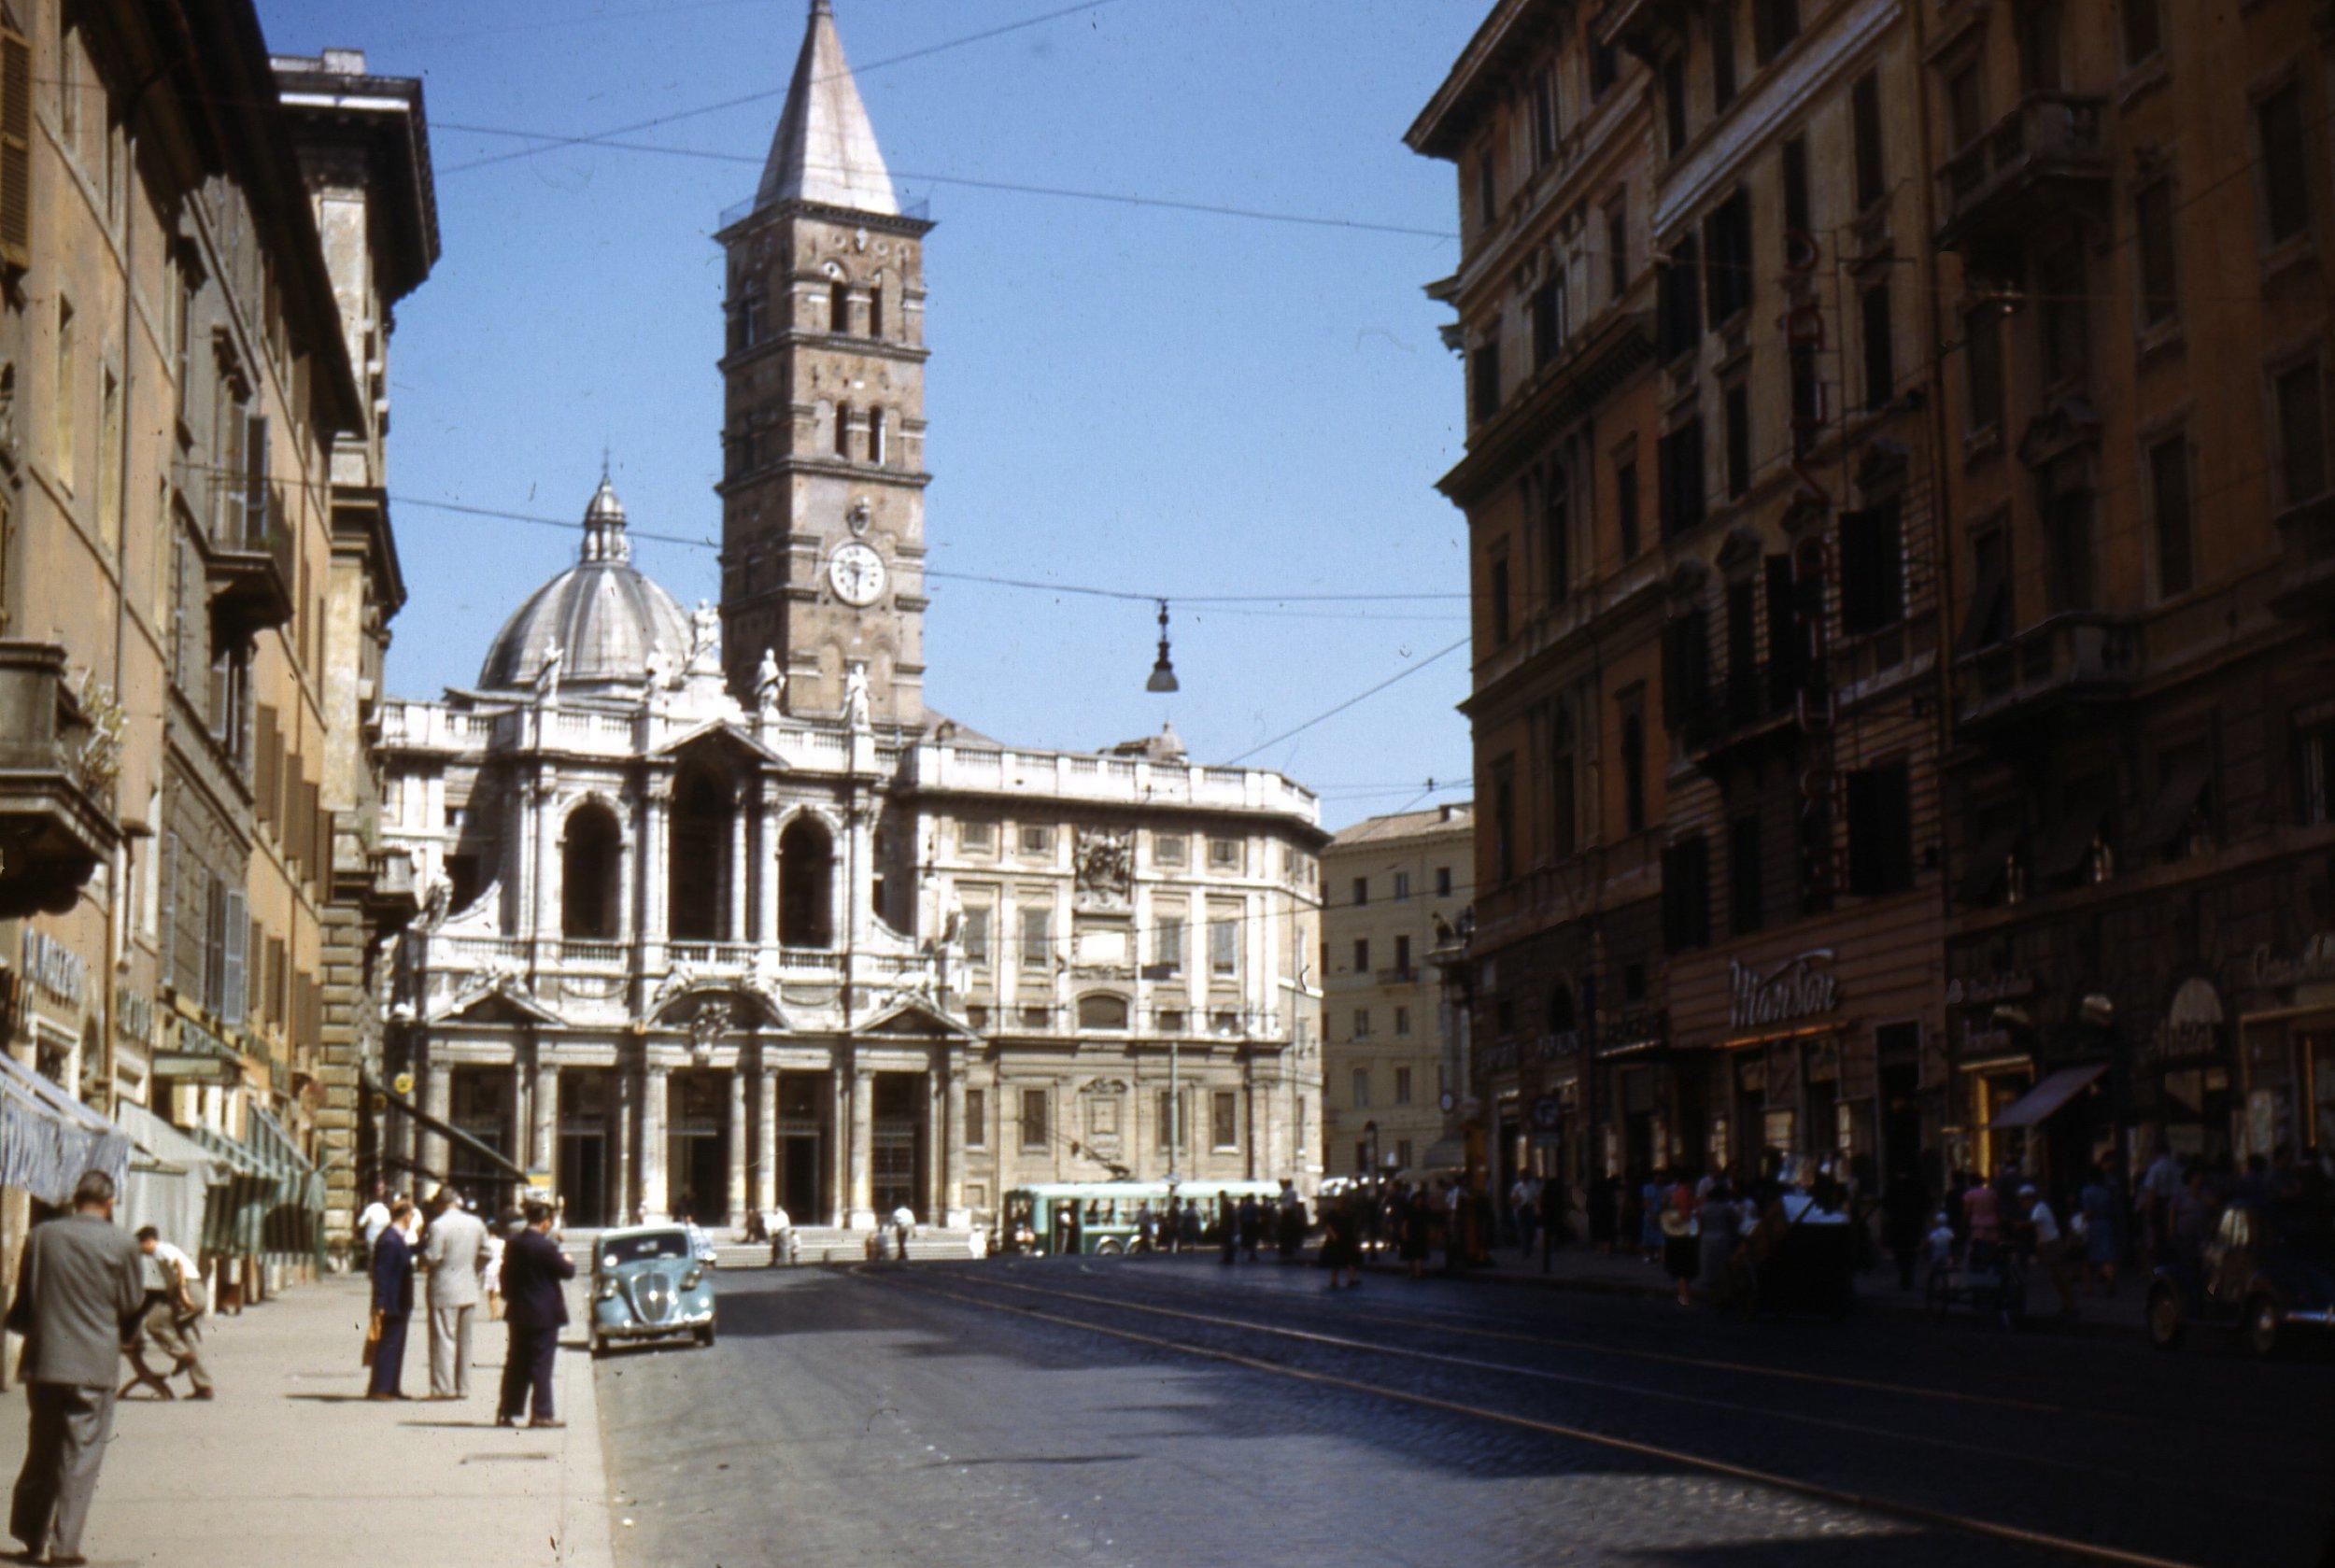 Basilica_Di_Santa_Maria_Maggiore.jpg